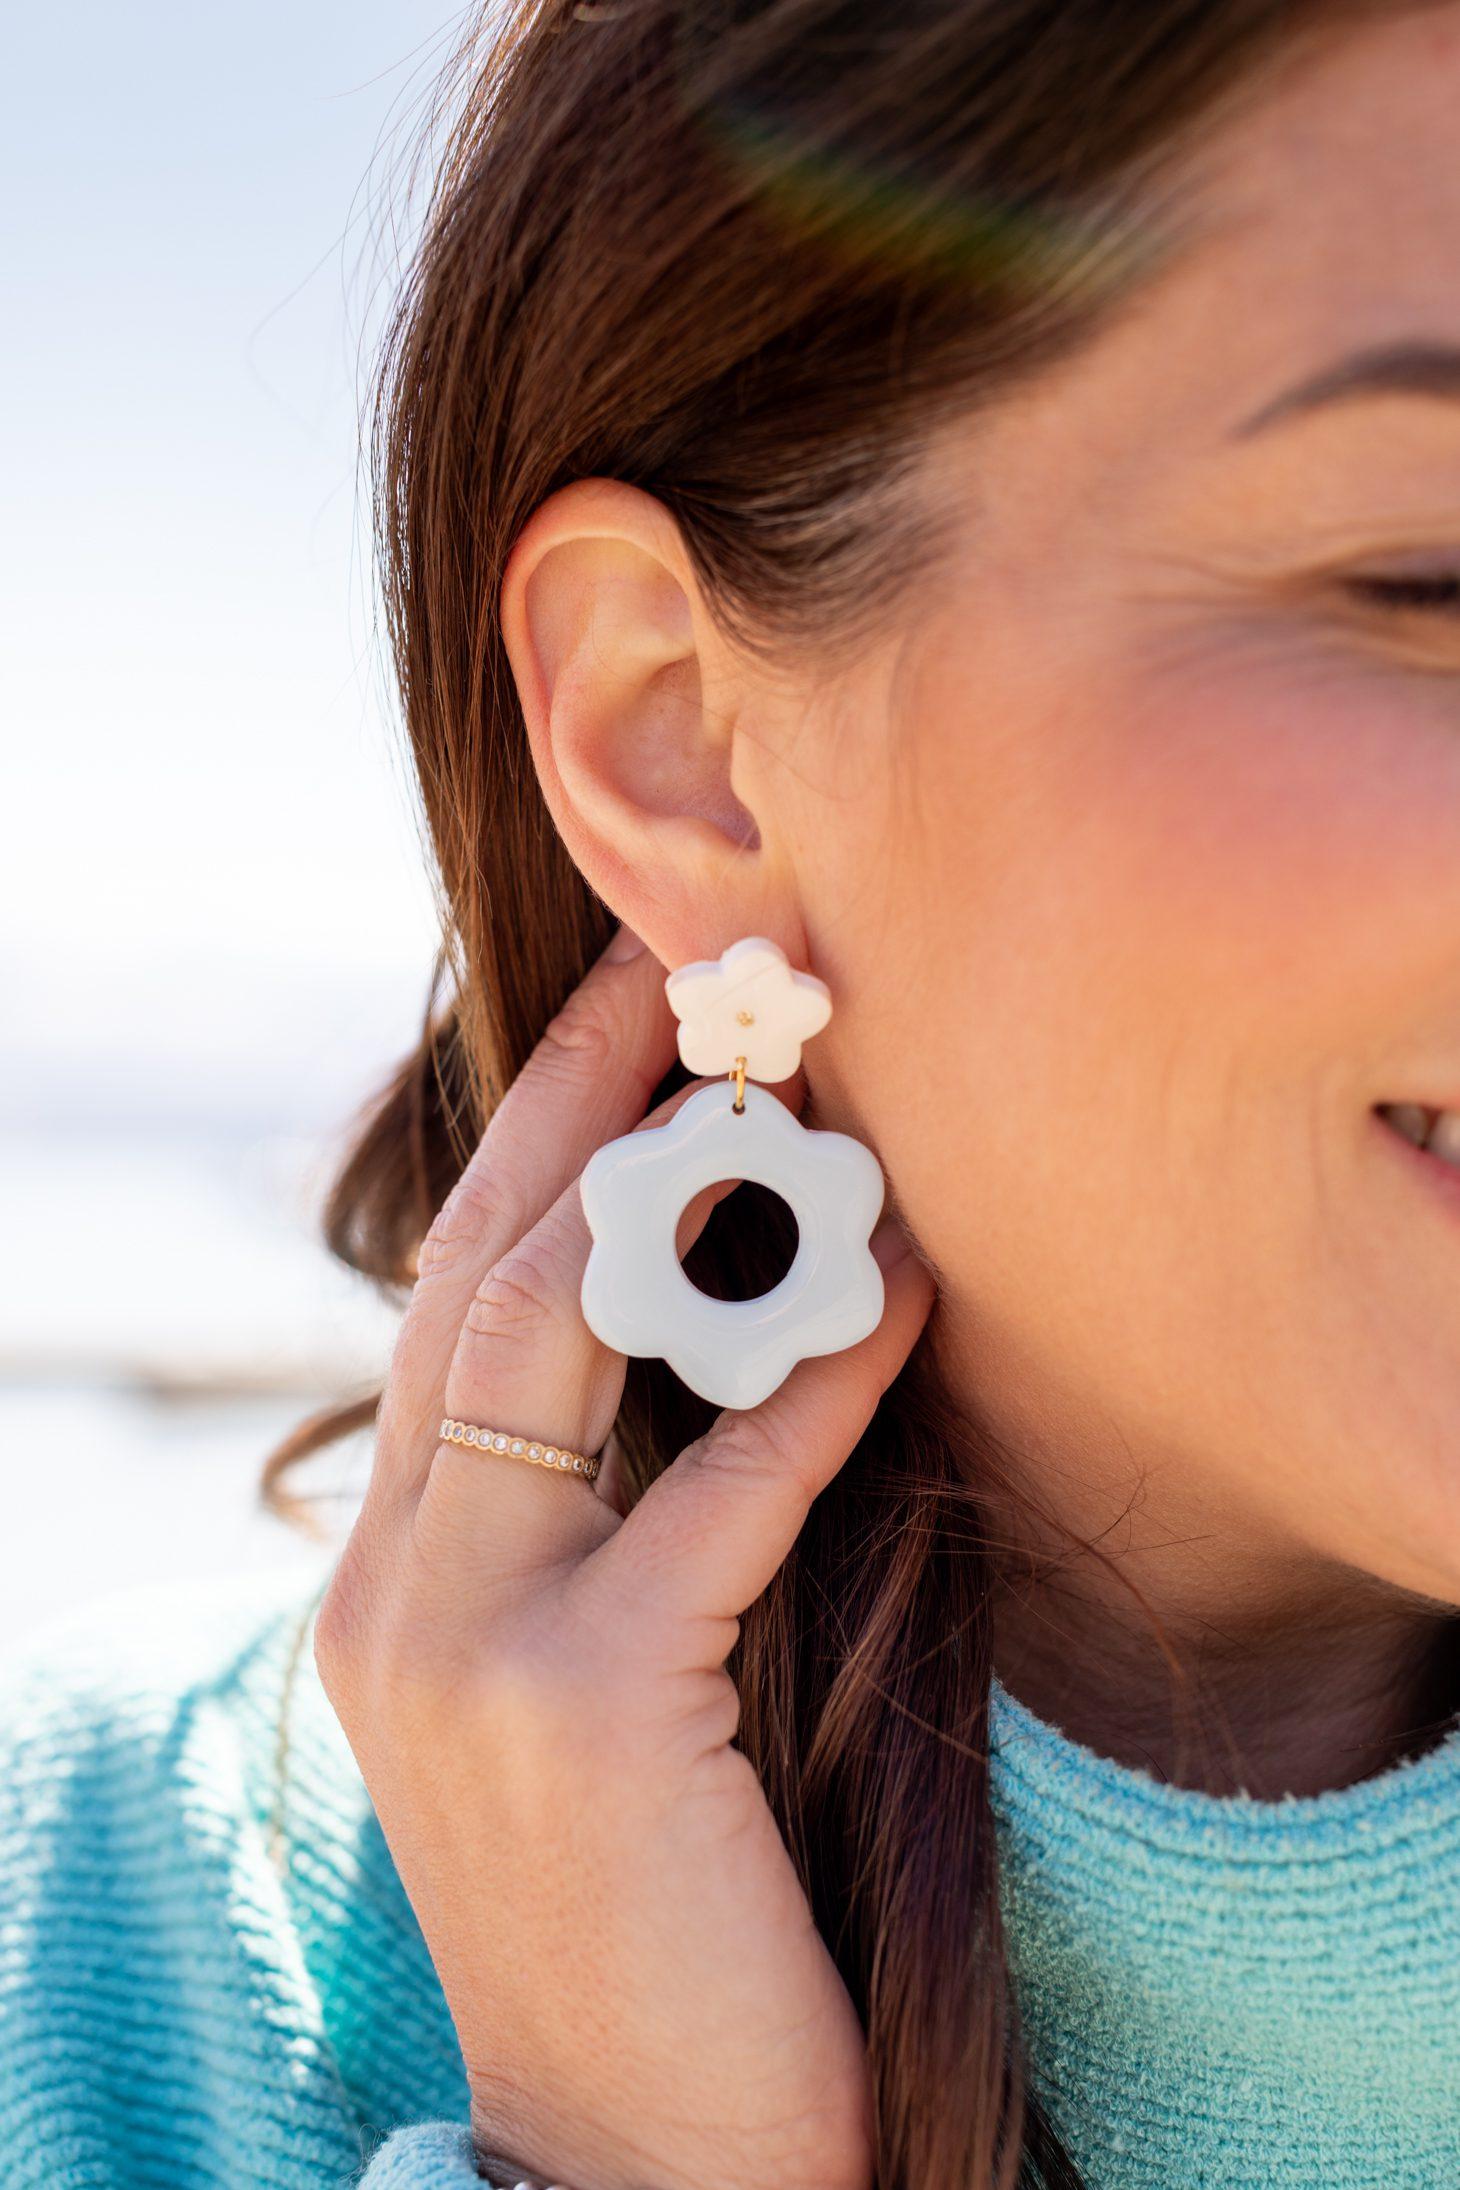 Jillian Harris wearing the limited edition Merry Mae Designs Retro Flower Earrings